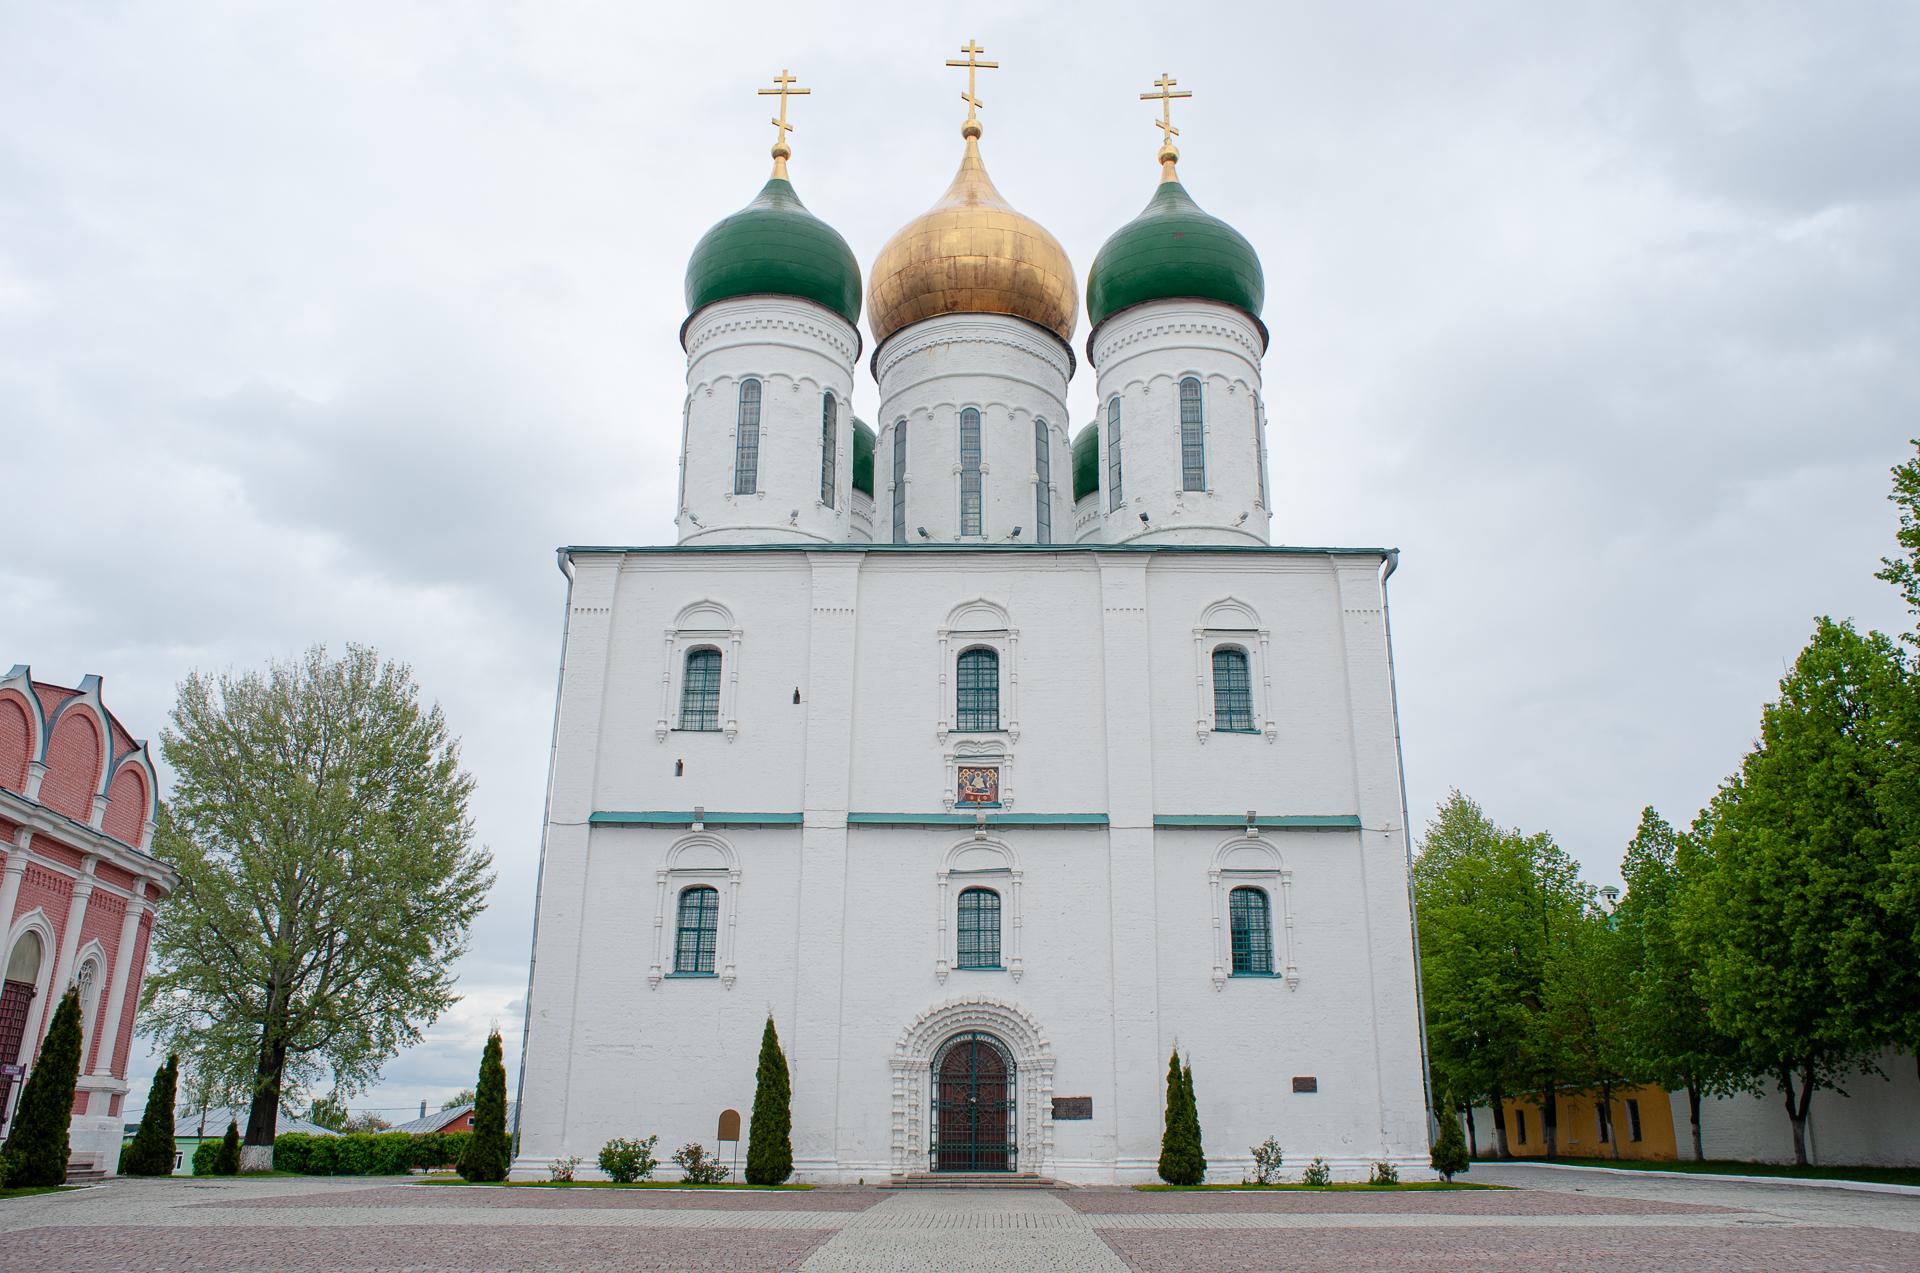 Коломна, Коломенский Кремль, Успенский Кафедральный Собор